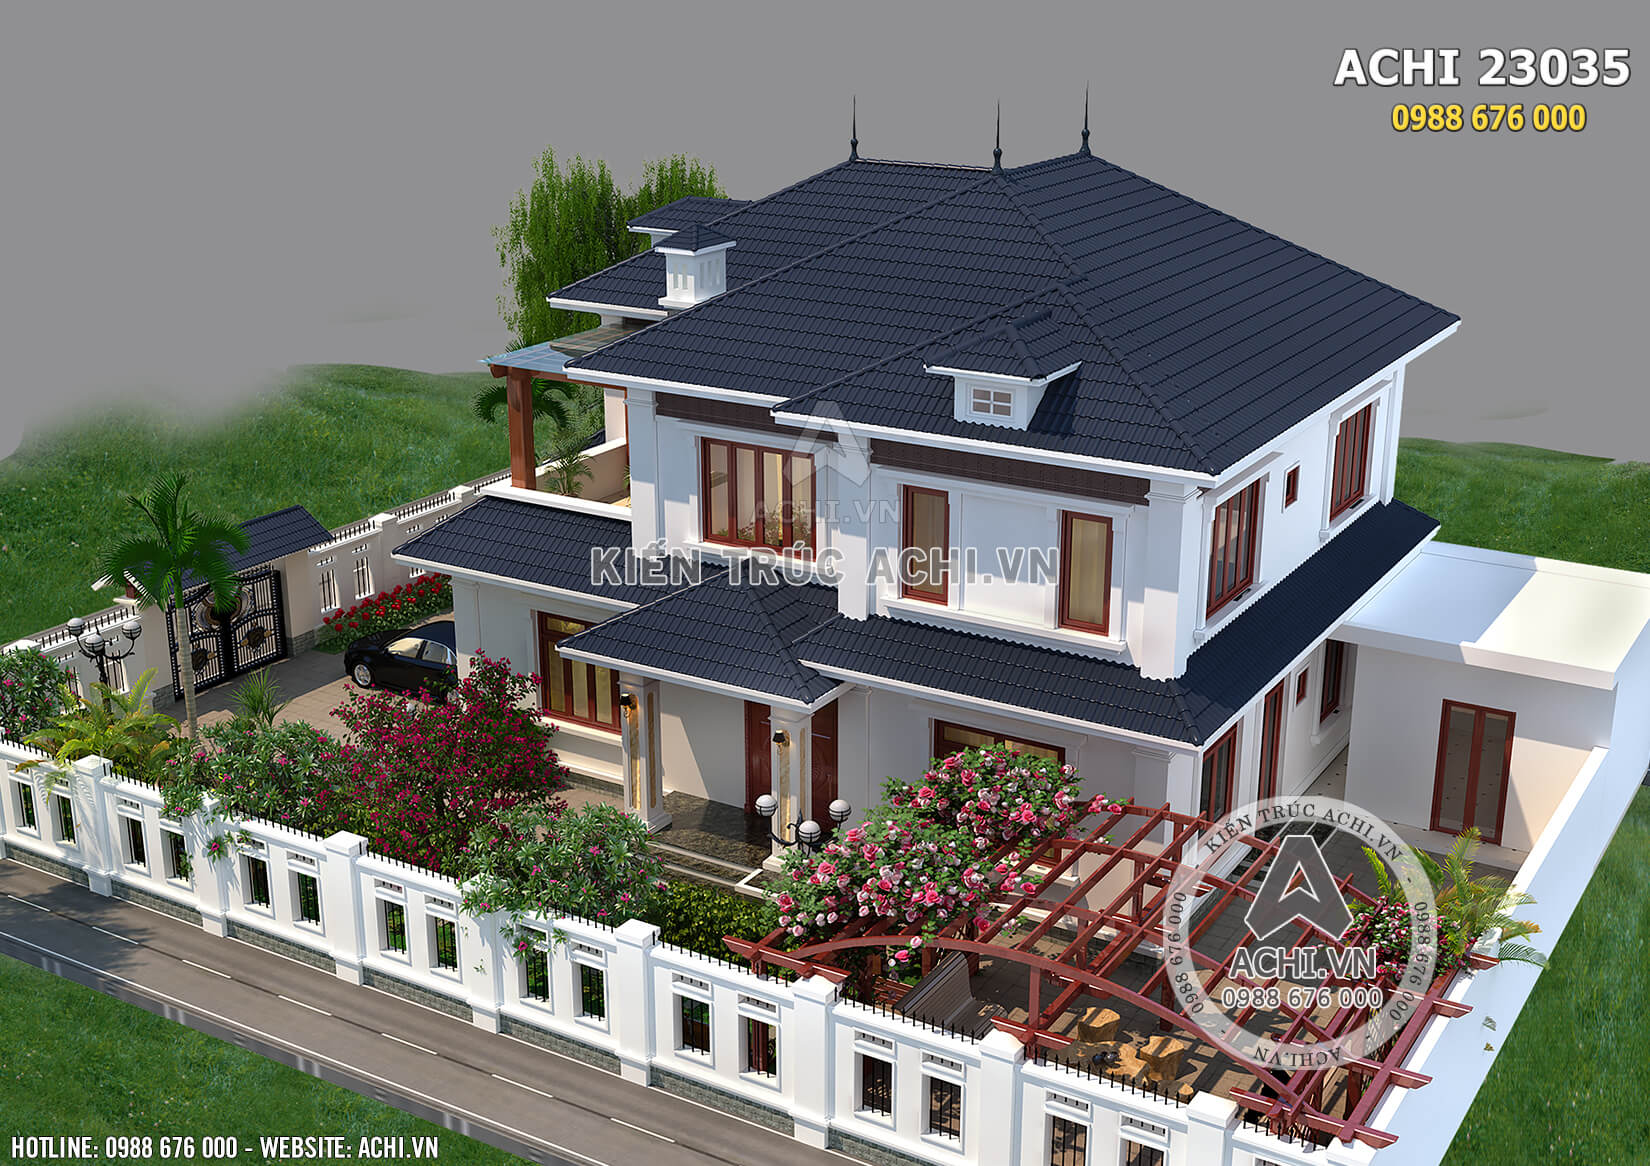 Tổng thể mẫu nhà biệt thự 2 tầng hiện đại mái thái đẹp